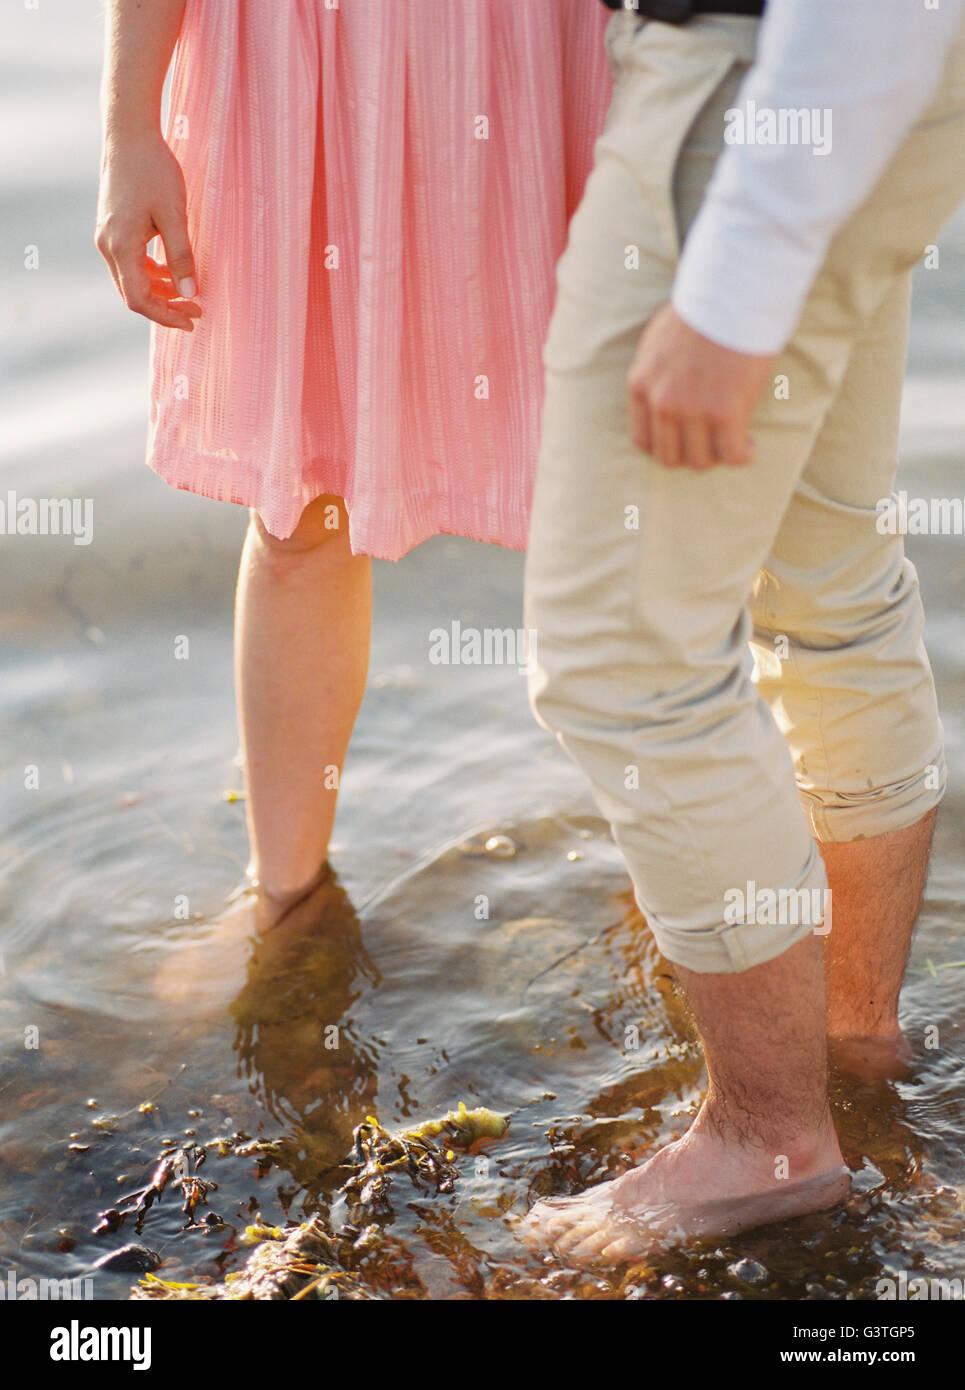 La Svezia, Bohuslan, Fjallbacka, giovane a piedi nudi in acqua Immagini Stock